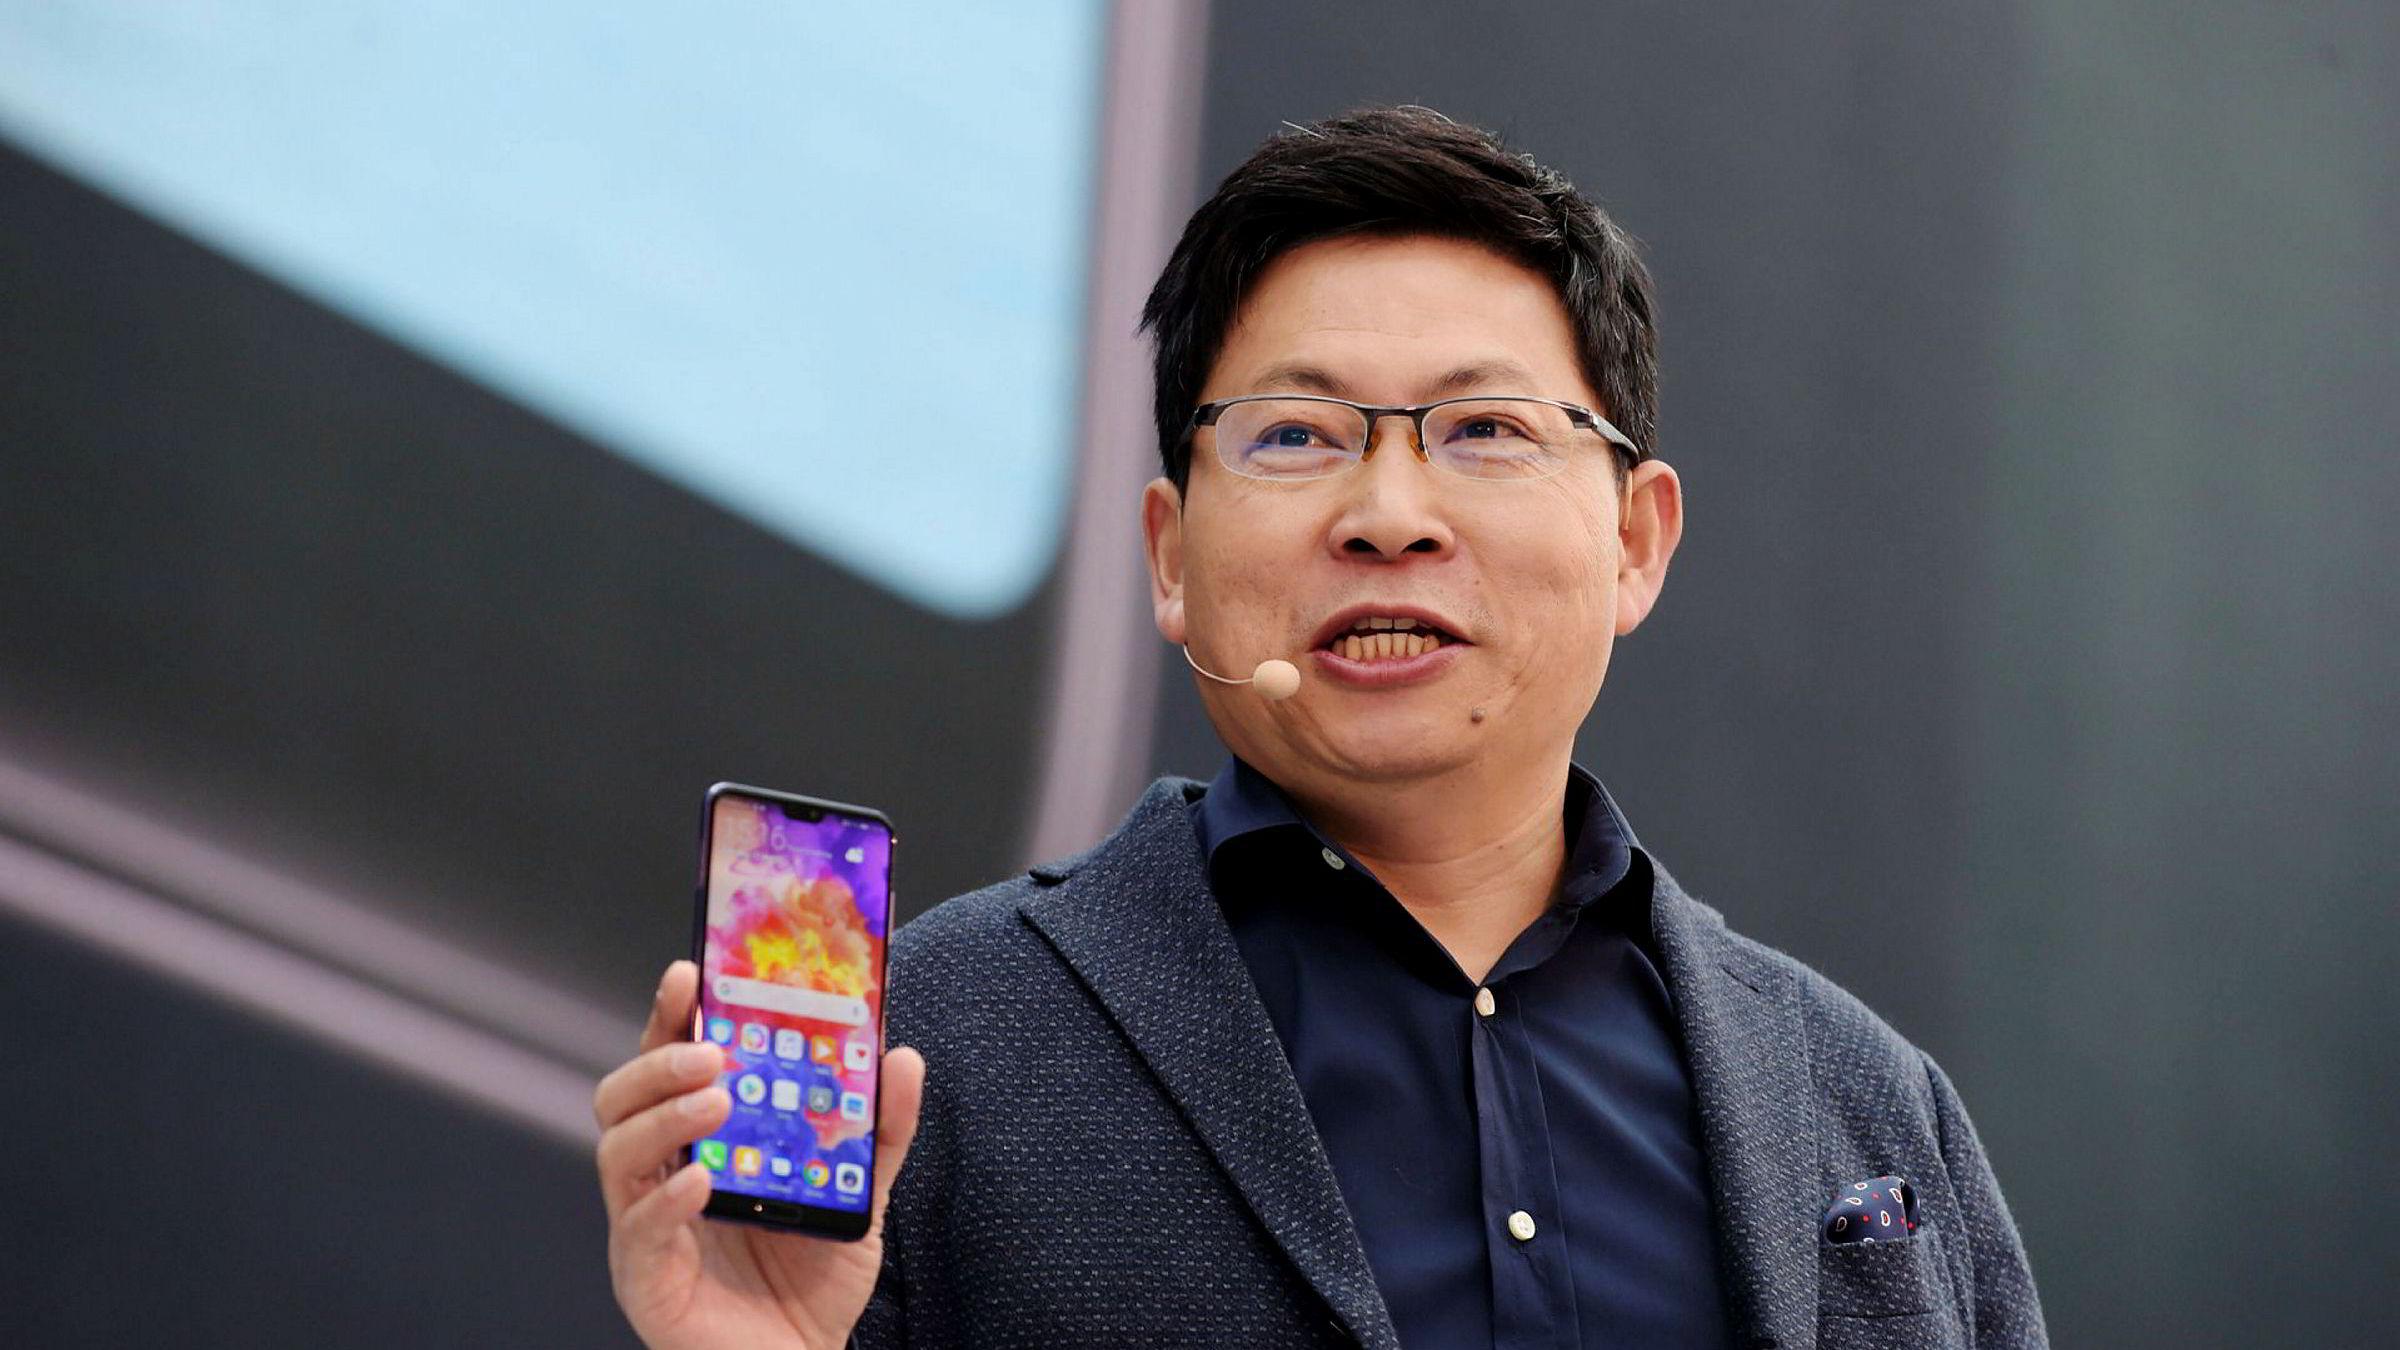 Samsung og Huawei kjemper om å være først ute med brettbare, sammenleggbare smarttelefoner. Huawei har hatt stor suksess med flaggskipsmodellen P20 i Asia og Midtøsten i år og direktør Richard Yu Chengdong lover 200 millioner solgte smarttelefoner i 2018.